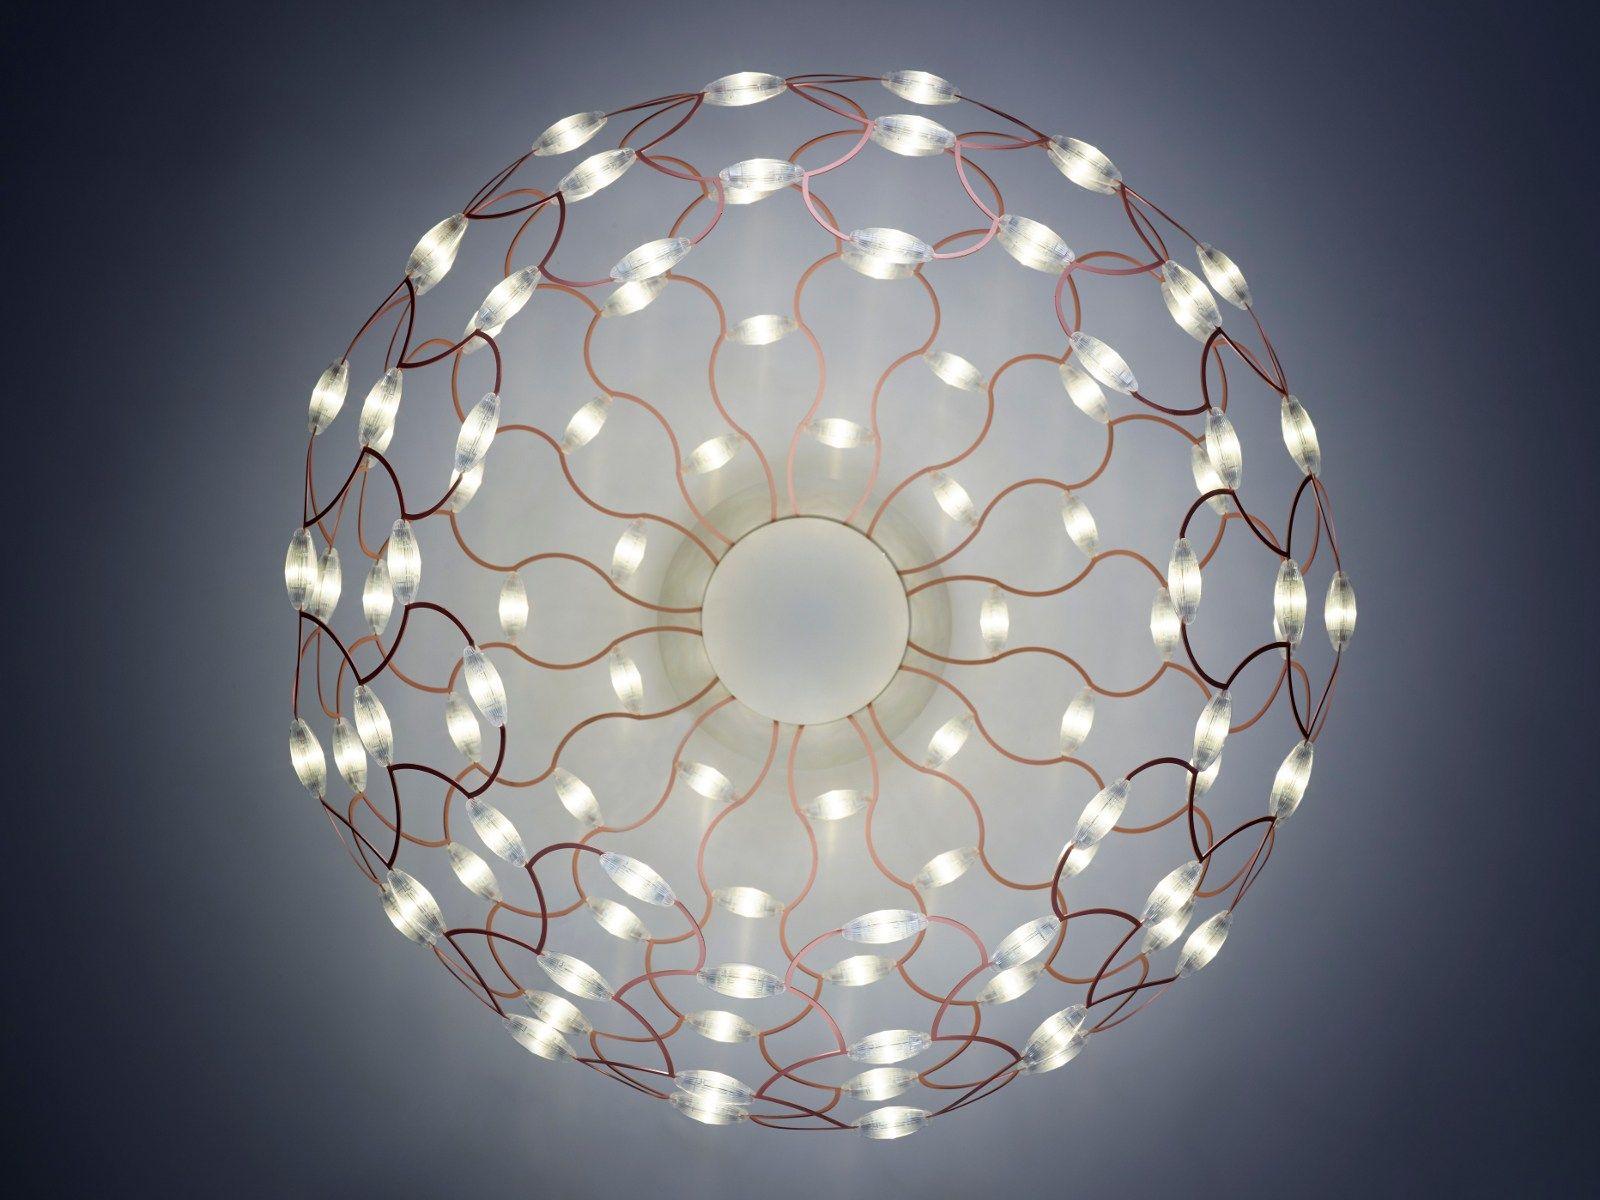 Lampade Da Soffitto Design : Lamoi lampada da soffitto by sforzin illuminazione design andrea